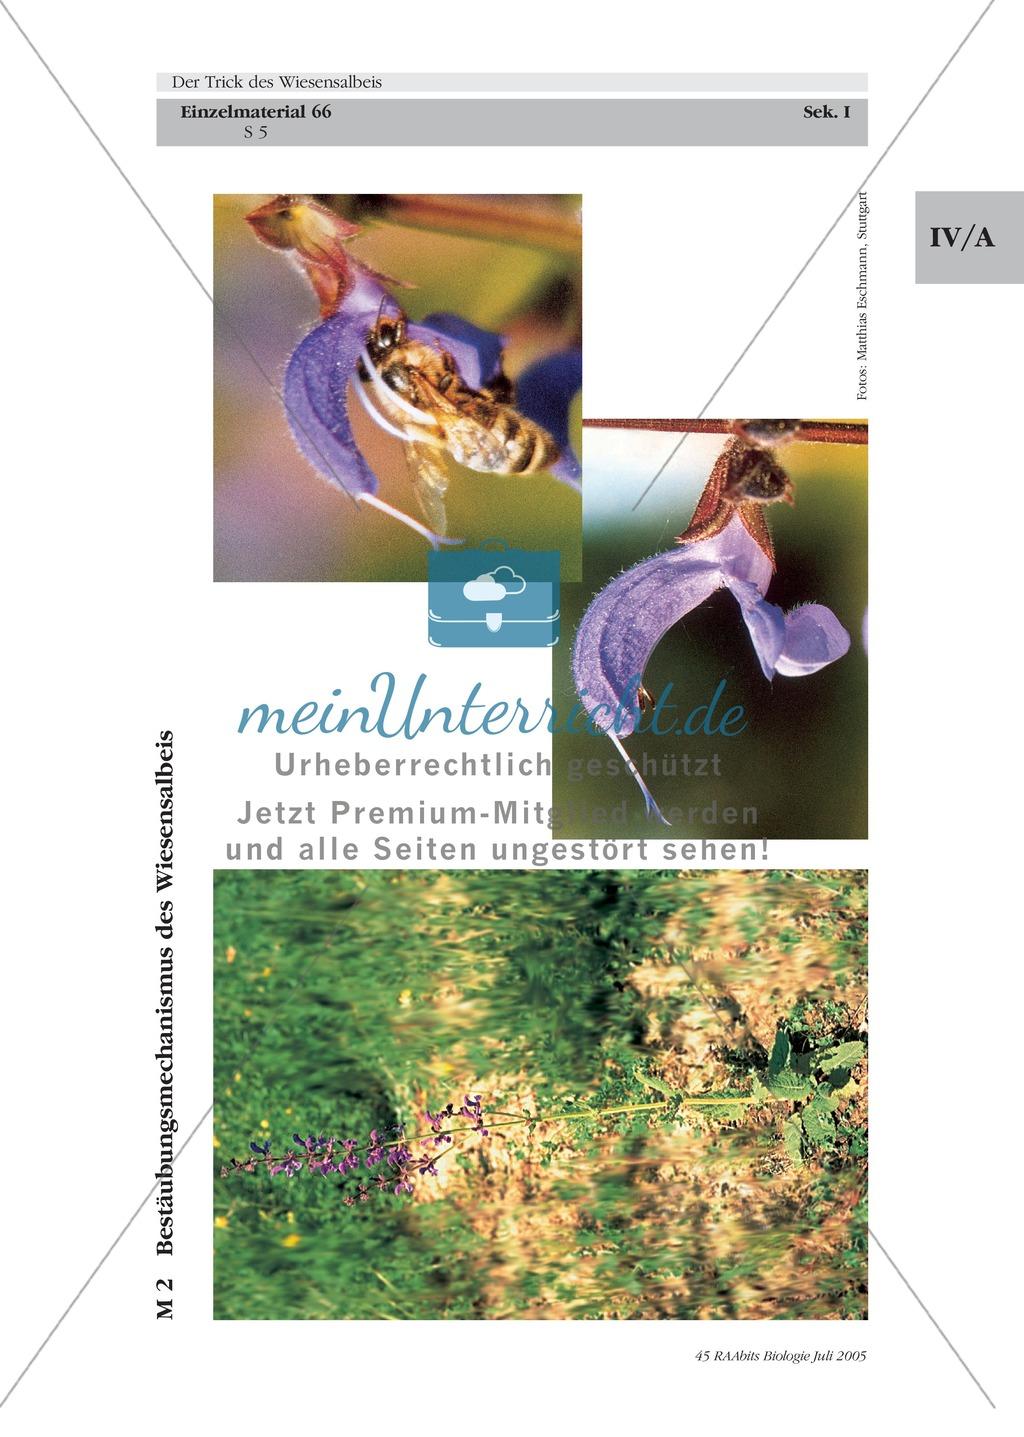 Wiesensalbei - ein Vertreter der Lippenblütler: Lage der Ober- und Unterlippe der Blüte + Bestäubungsmechanismus Preview 3